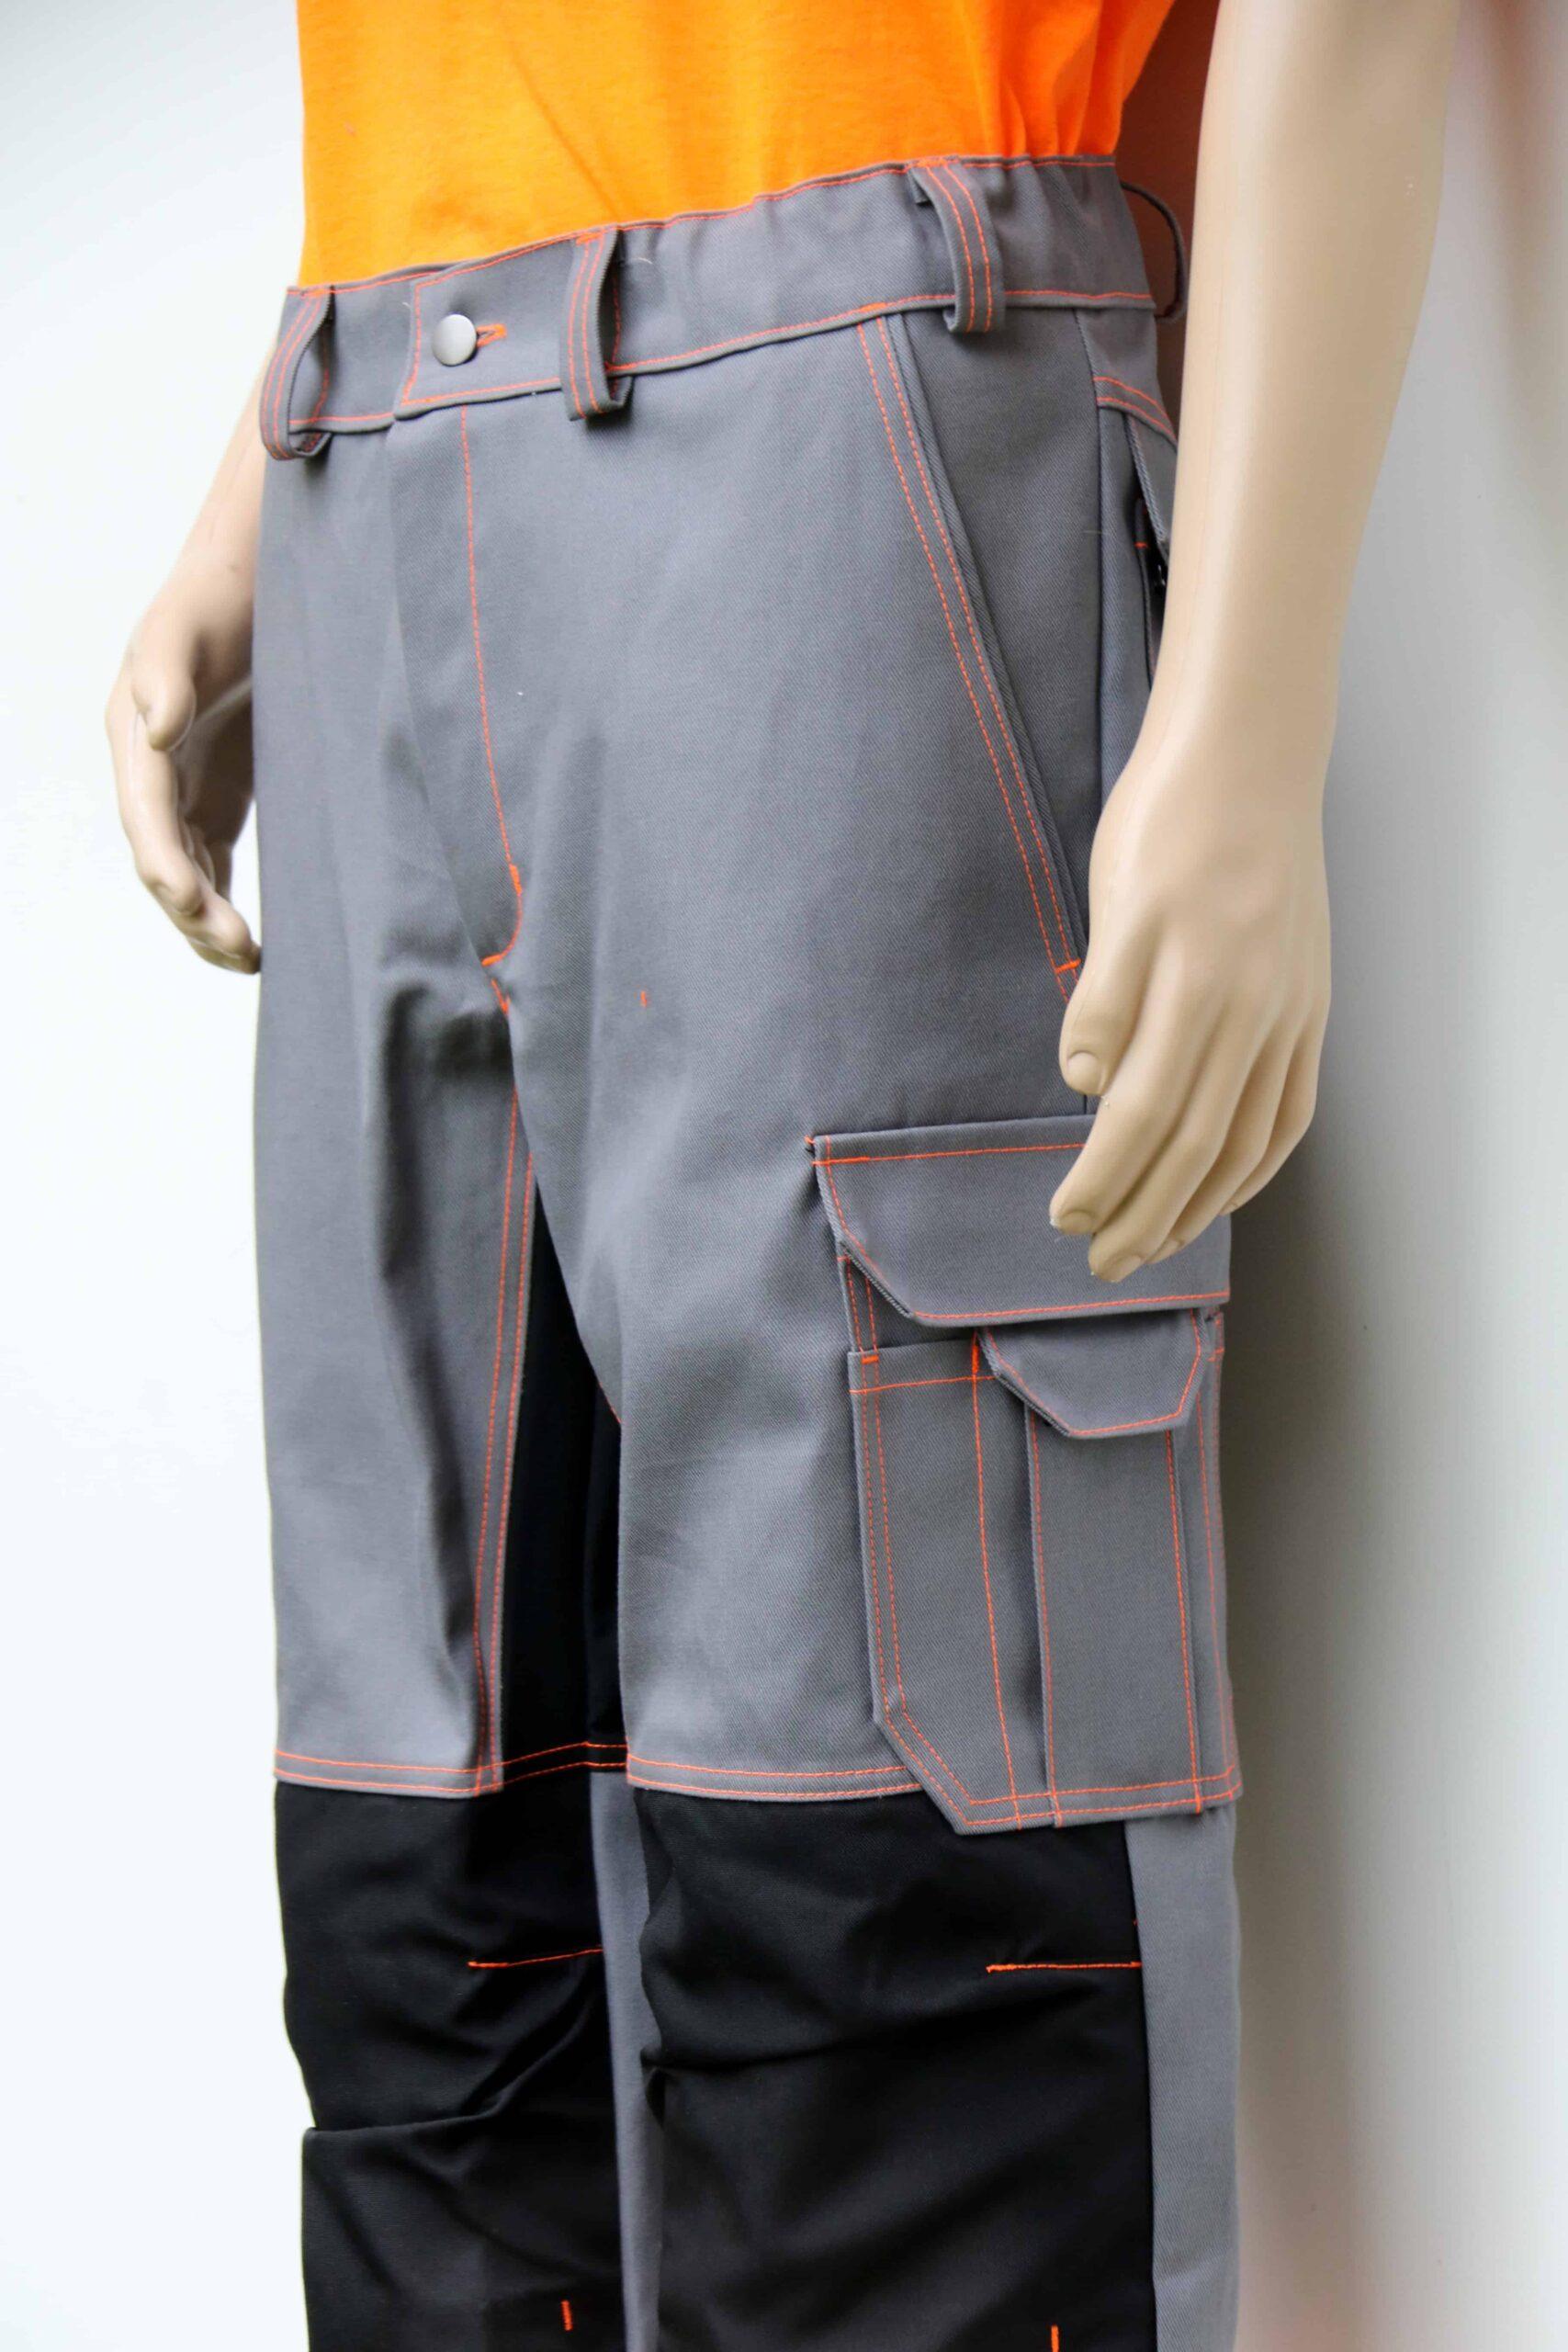 Multinorm sädemekindlad püksid FLAM 3